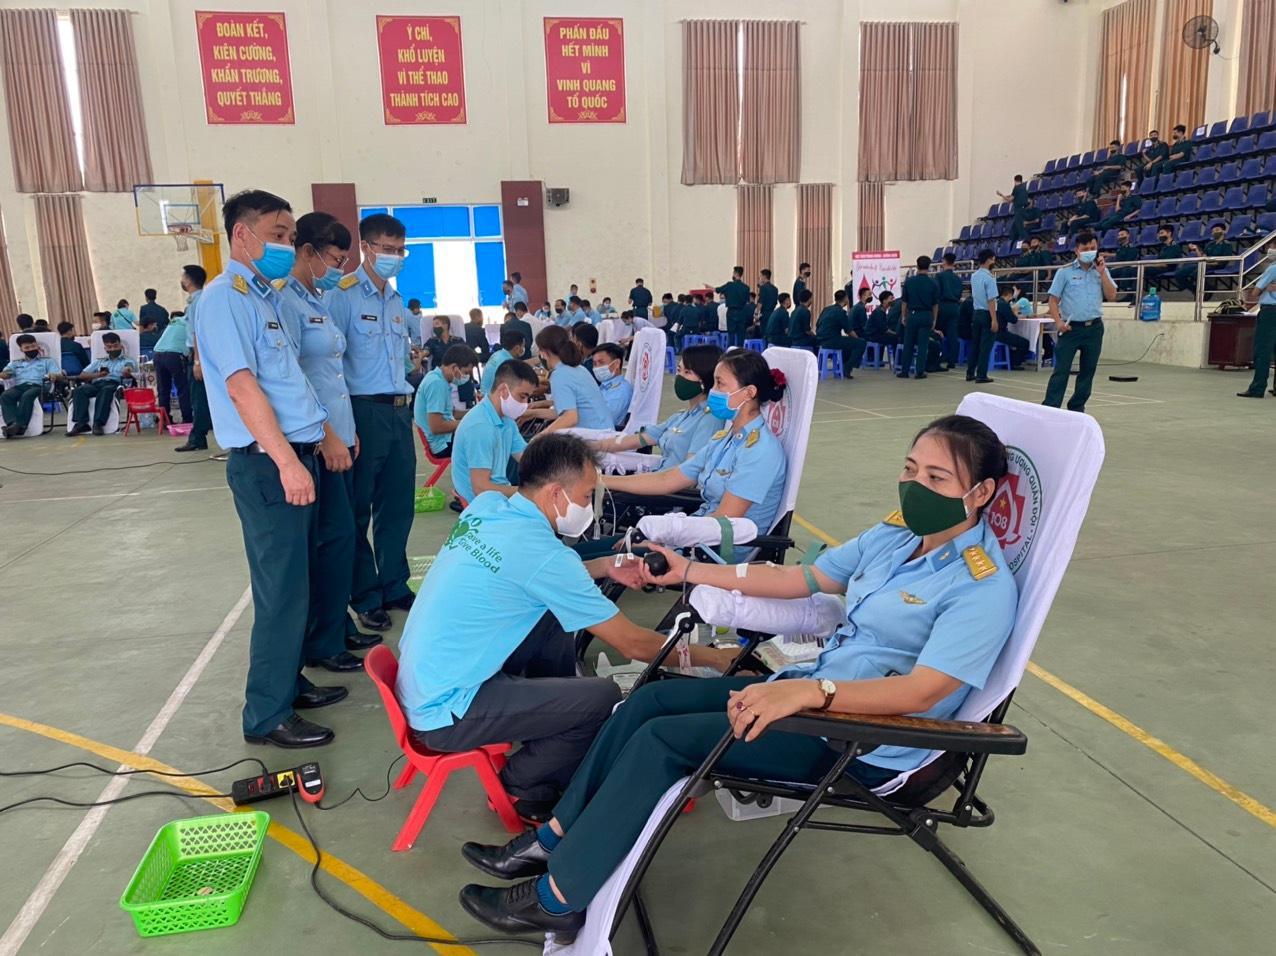 Cán bộ, học viên Học viện Phòng không-Không quân hiến tặng hơn 500 đơn vị máu Ảnh 1